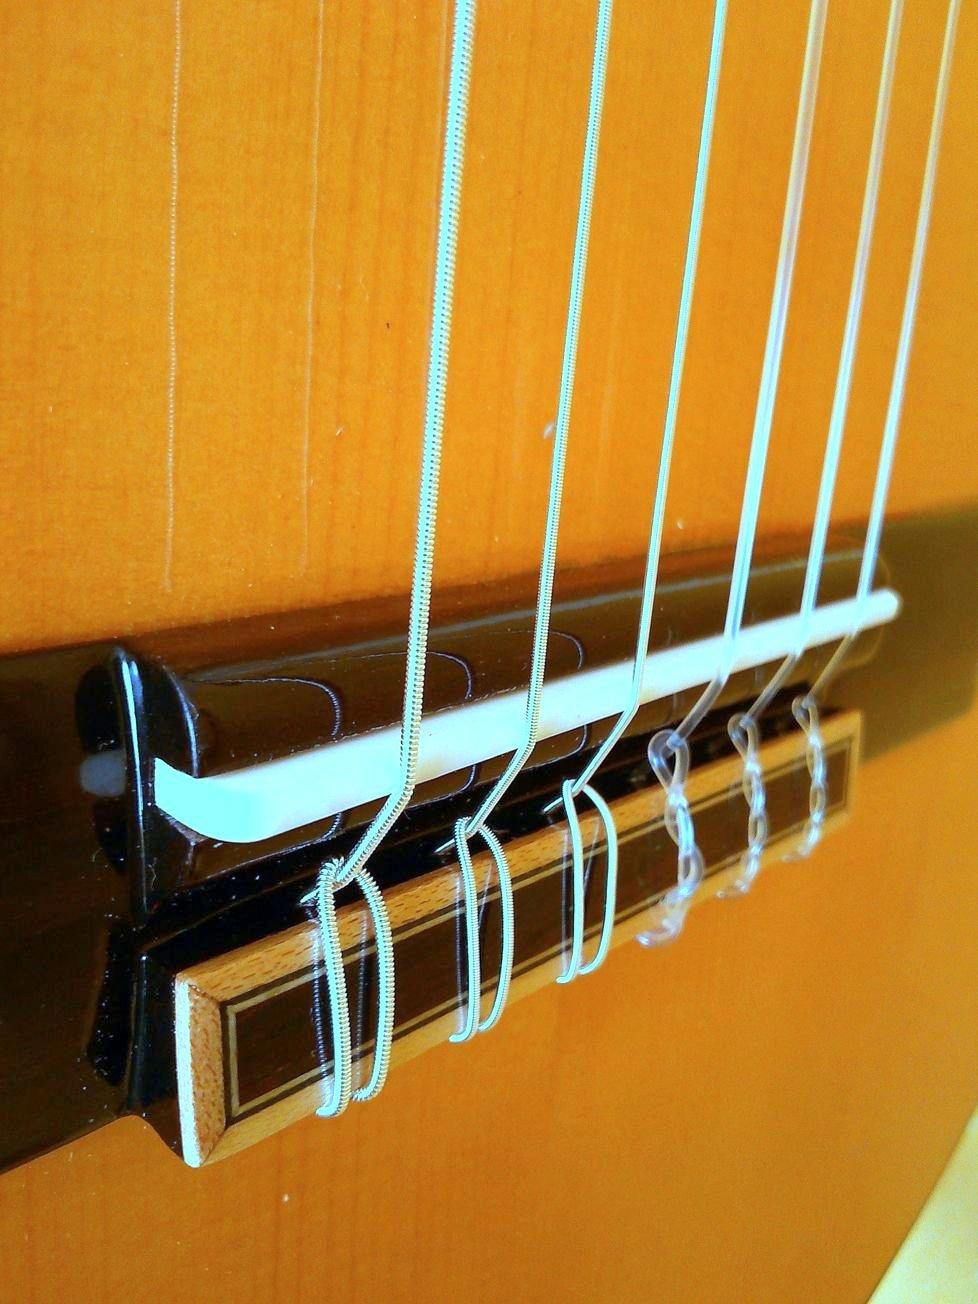 MARCE FLAMENCO 1 - Guitarra Clasica española de estudio (caja armónica de sicomoro, diapasón madera tintado, dos perfiles tintados en negro, acción baja.